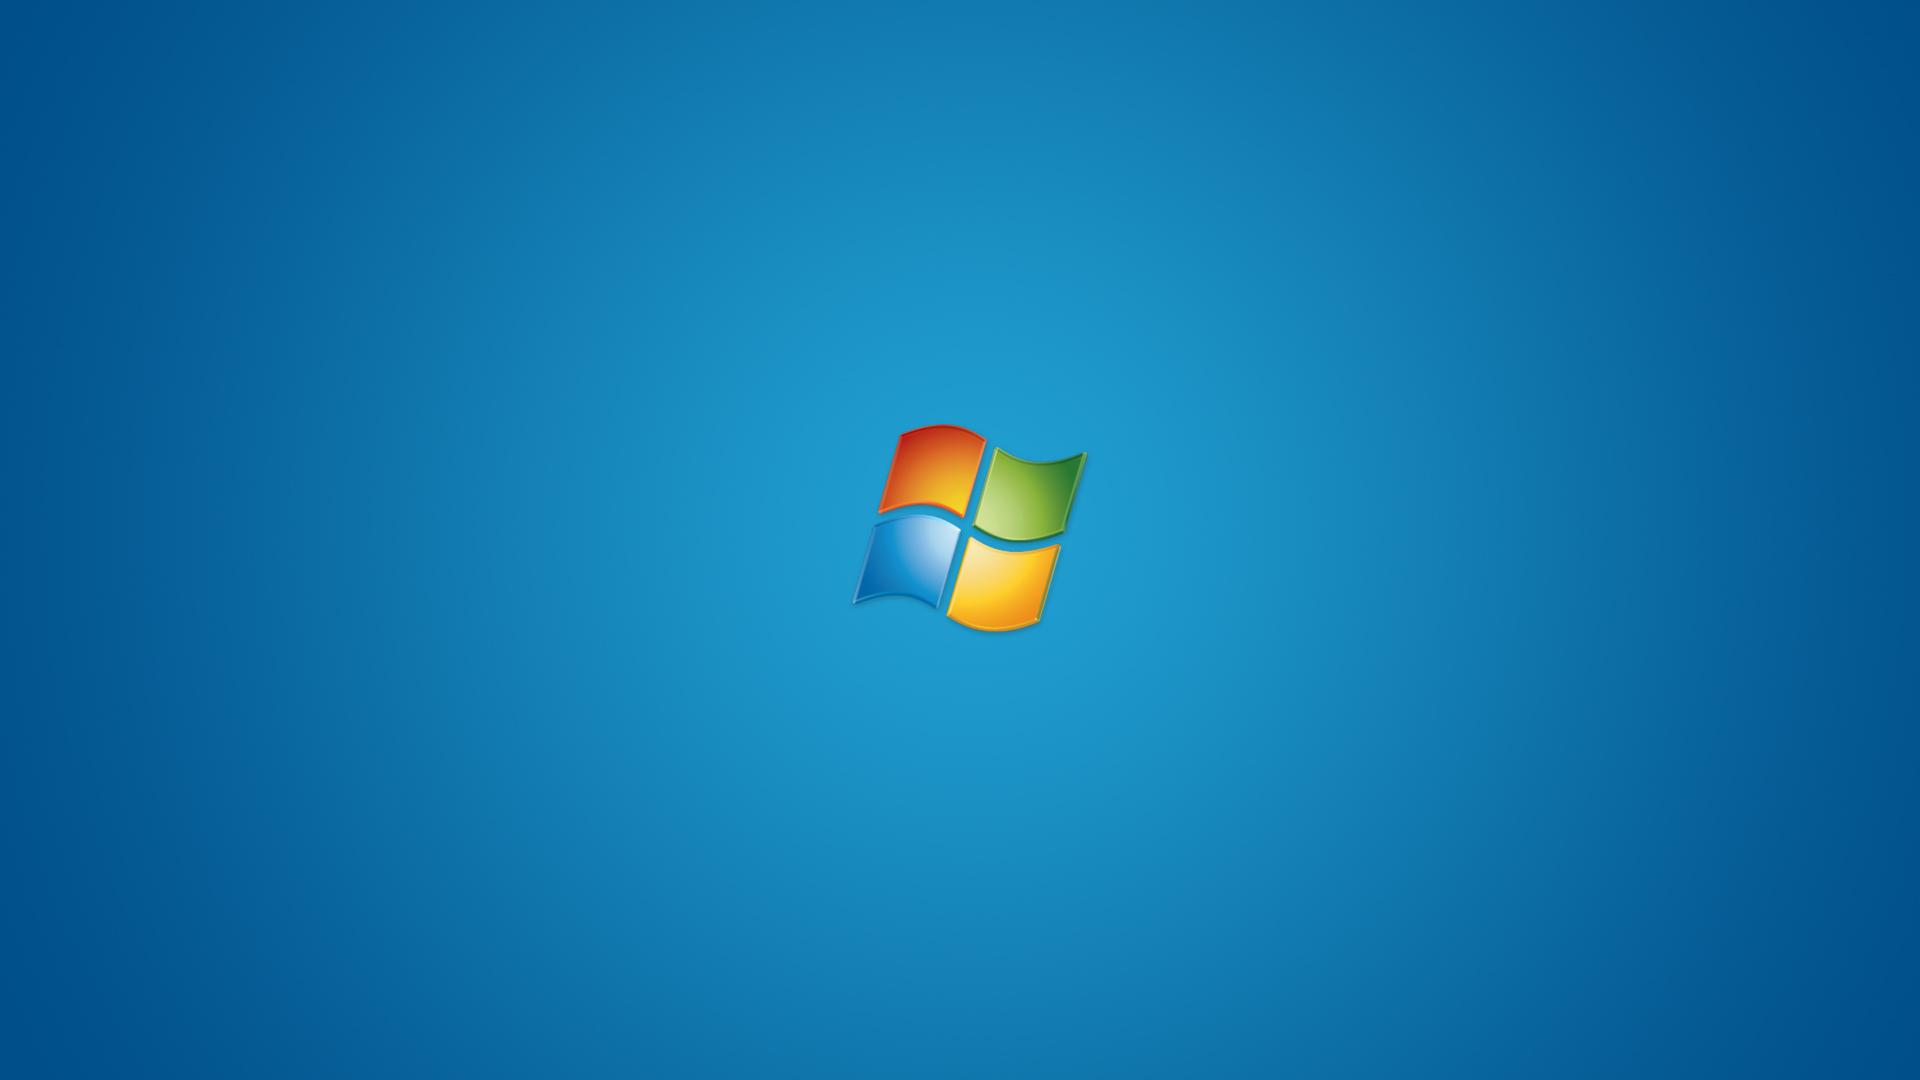 Wallpaper download microsoft - Free Microsoft Desktop Wallpaper Hd